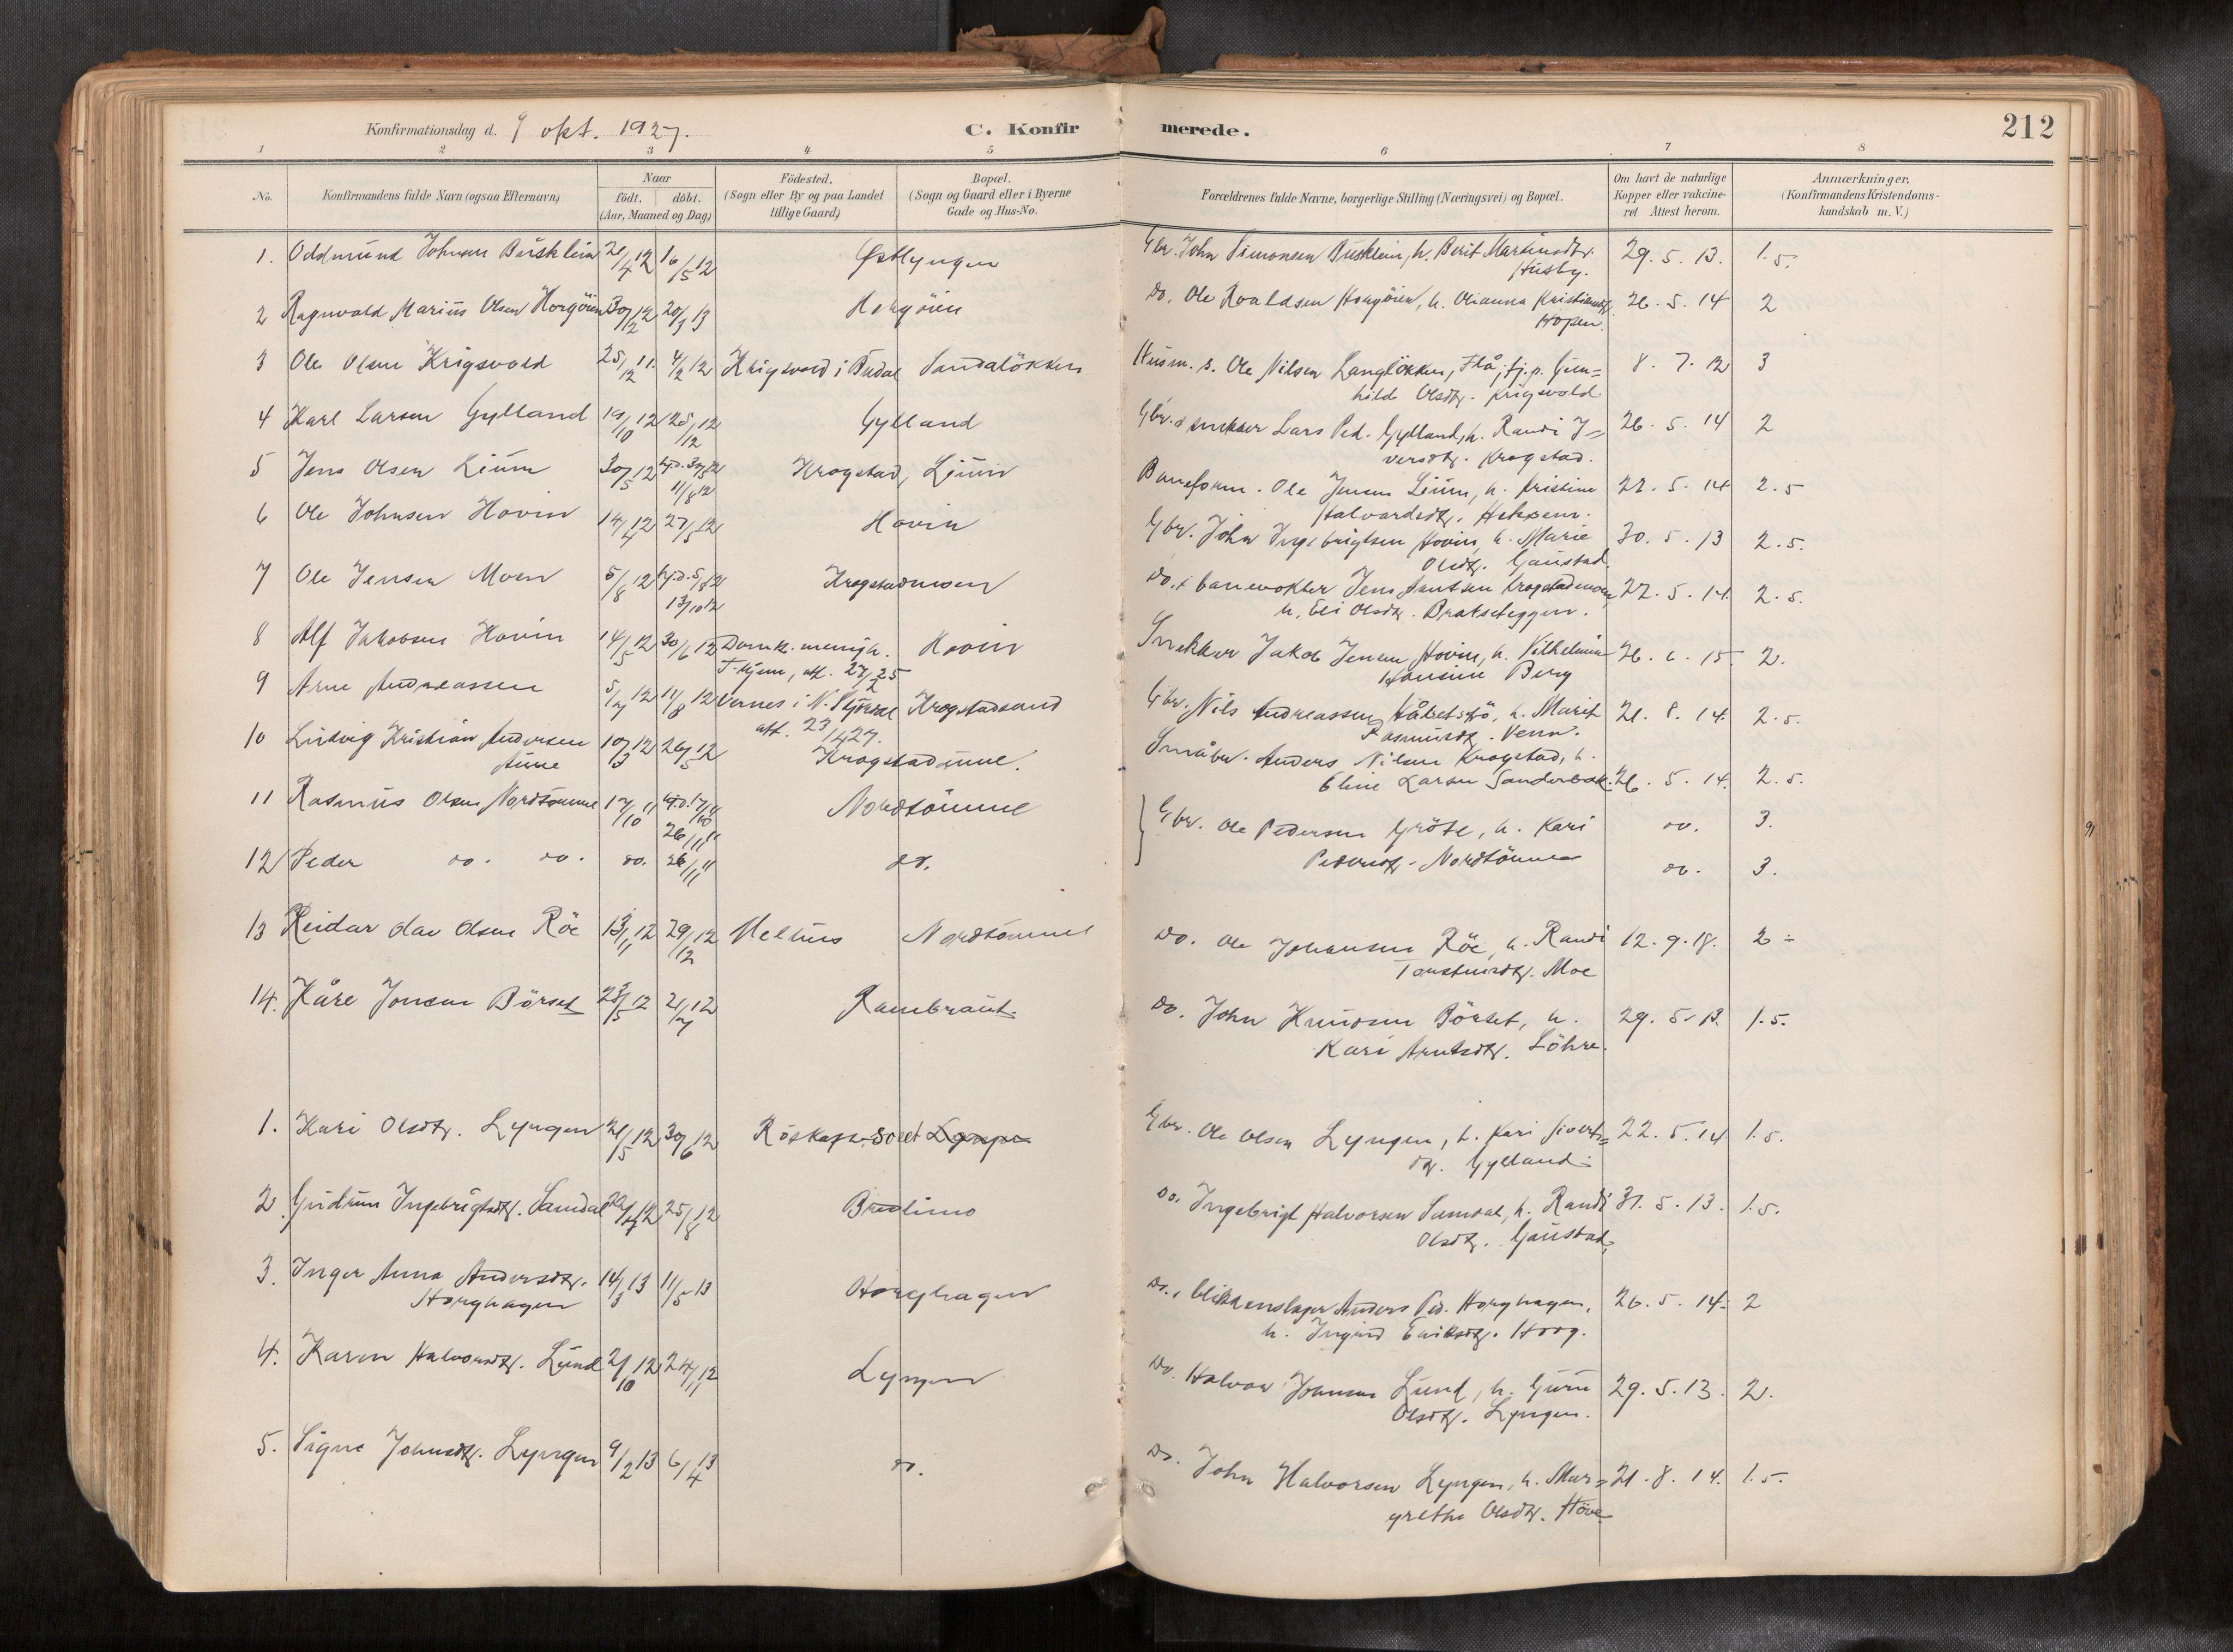 SAT, Ministerialprotokoller, klokkerbøker og fødselsregistre - Sør-Trøndelag, 692/L1105b: Ministerialbok nr. 692A06, 1891-1934, s. 212